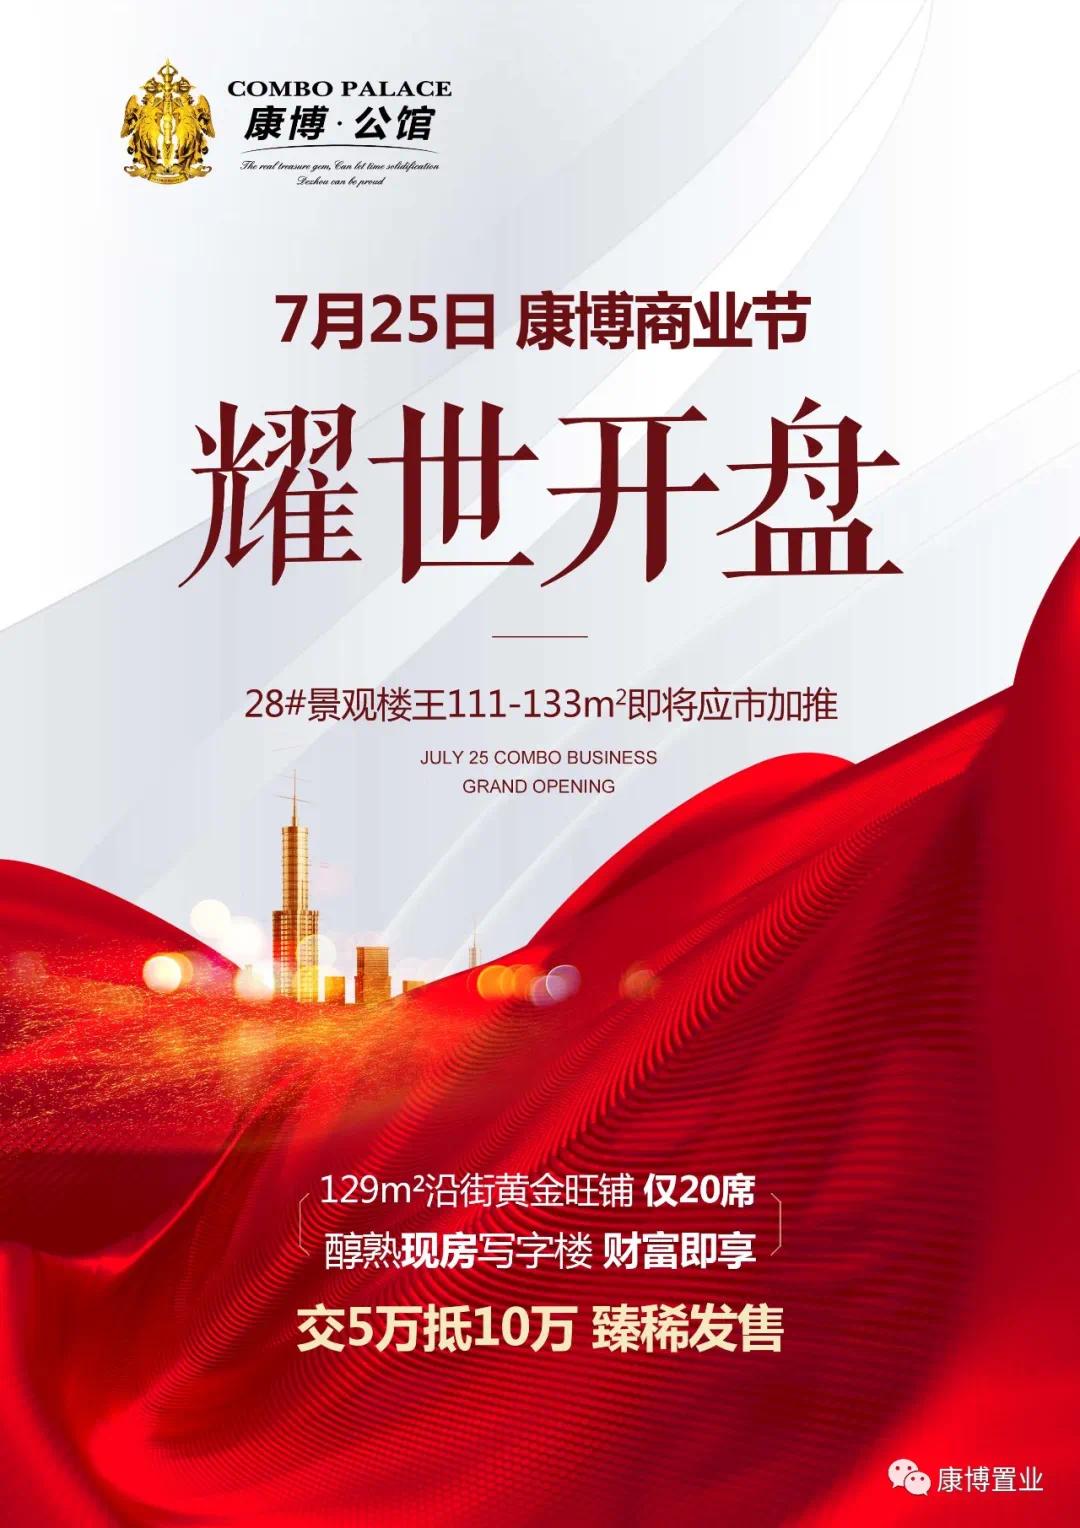 康博公馆7月25日商业节耀世开盘 投资人绝不错过!